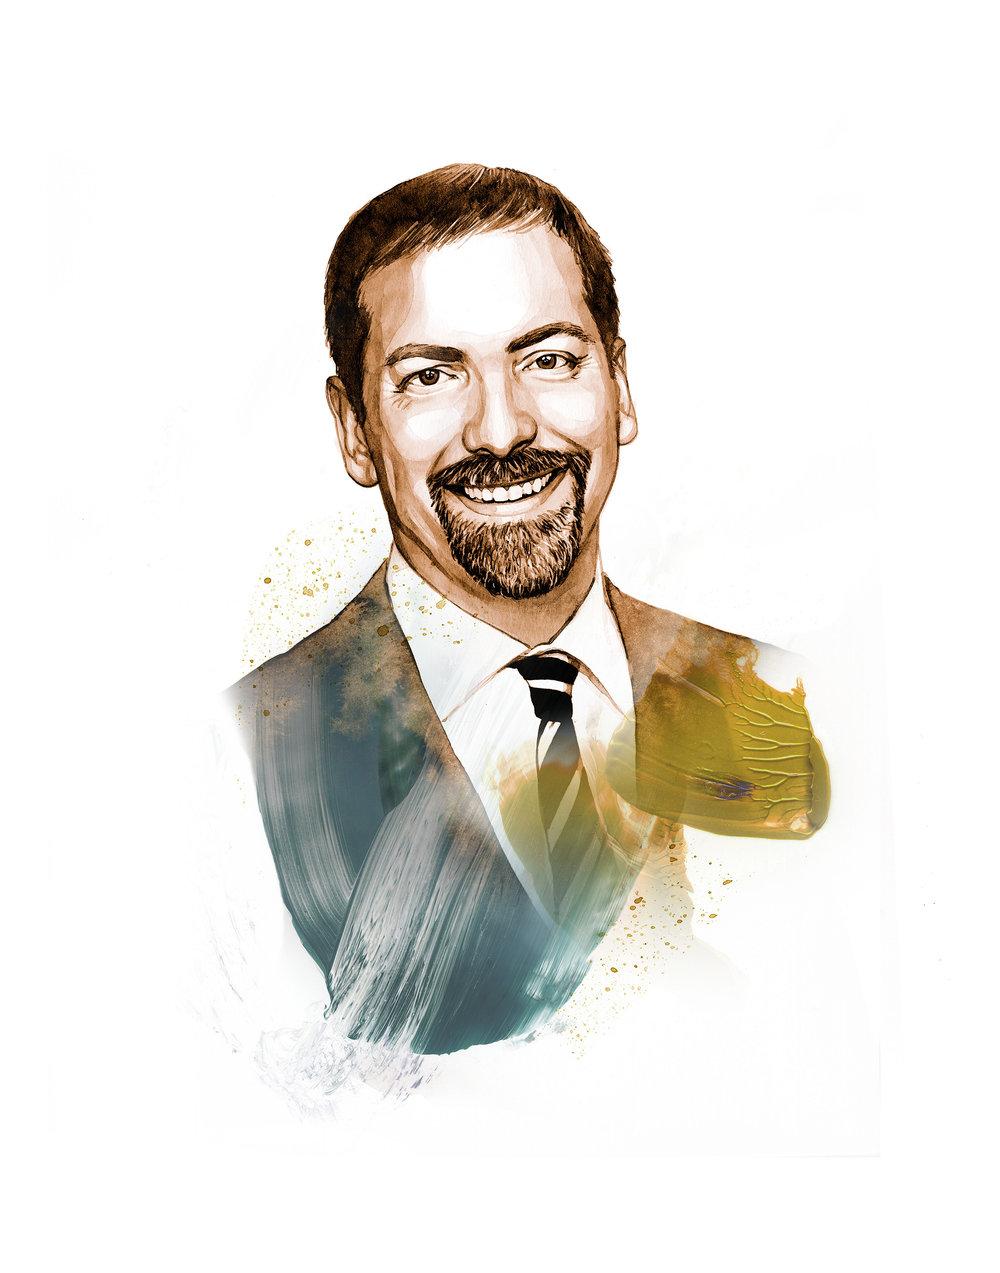 Journalist Chuck Todd